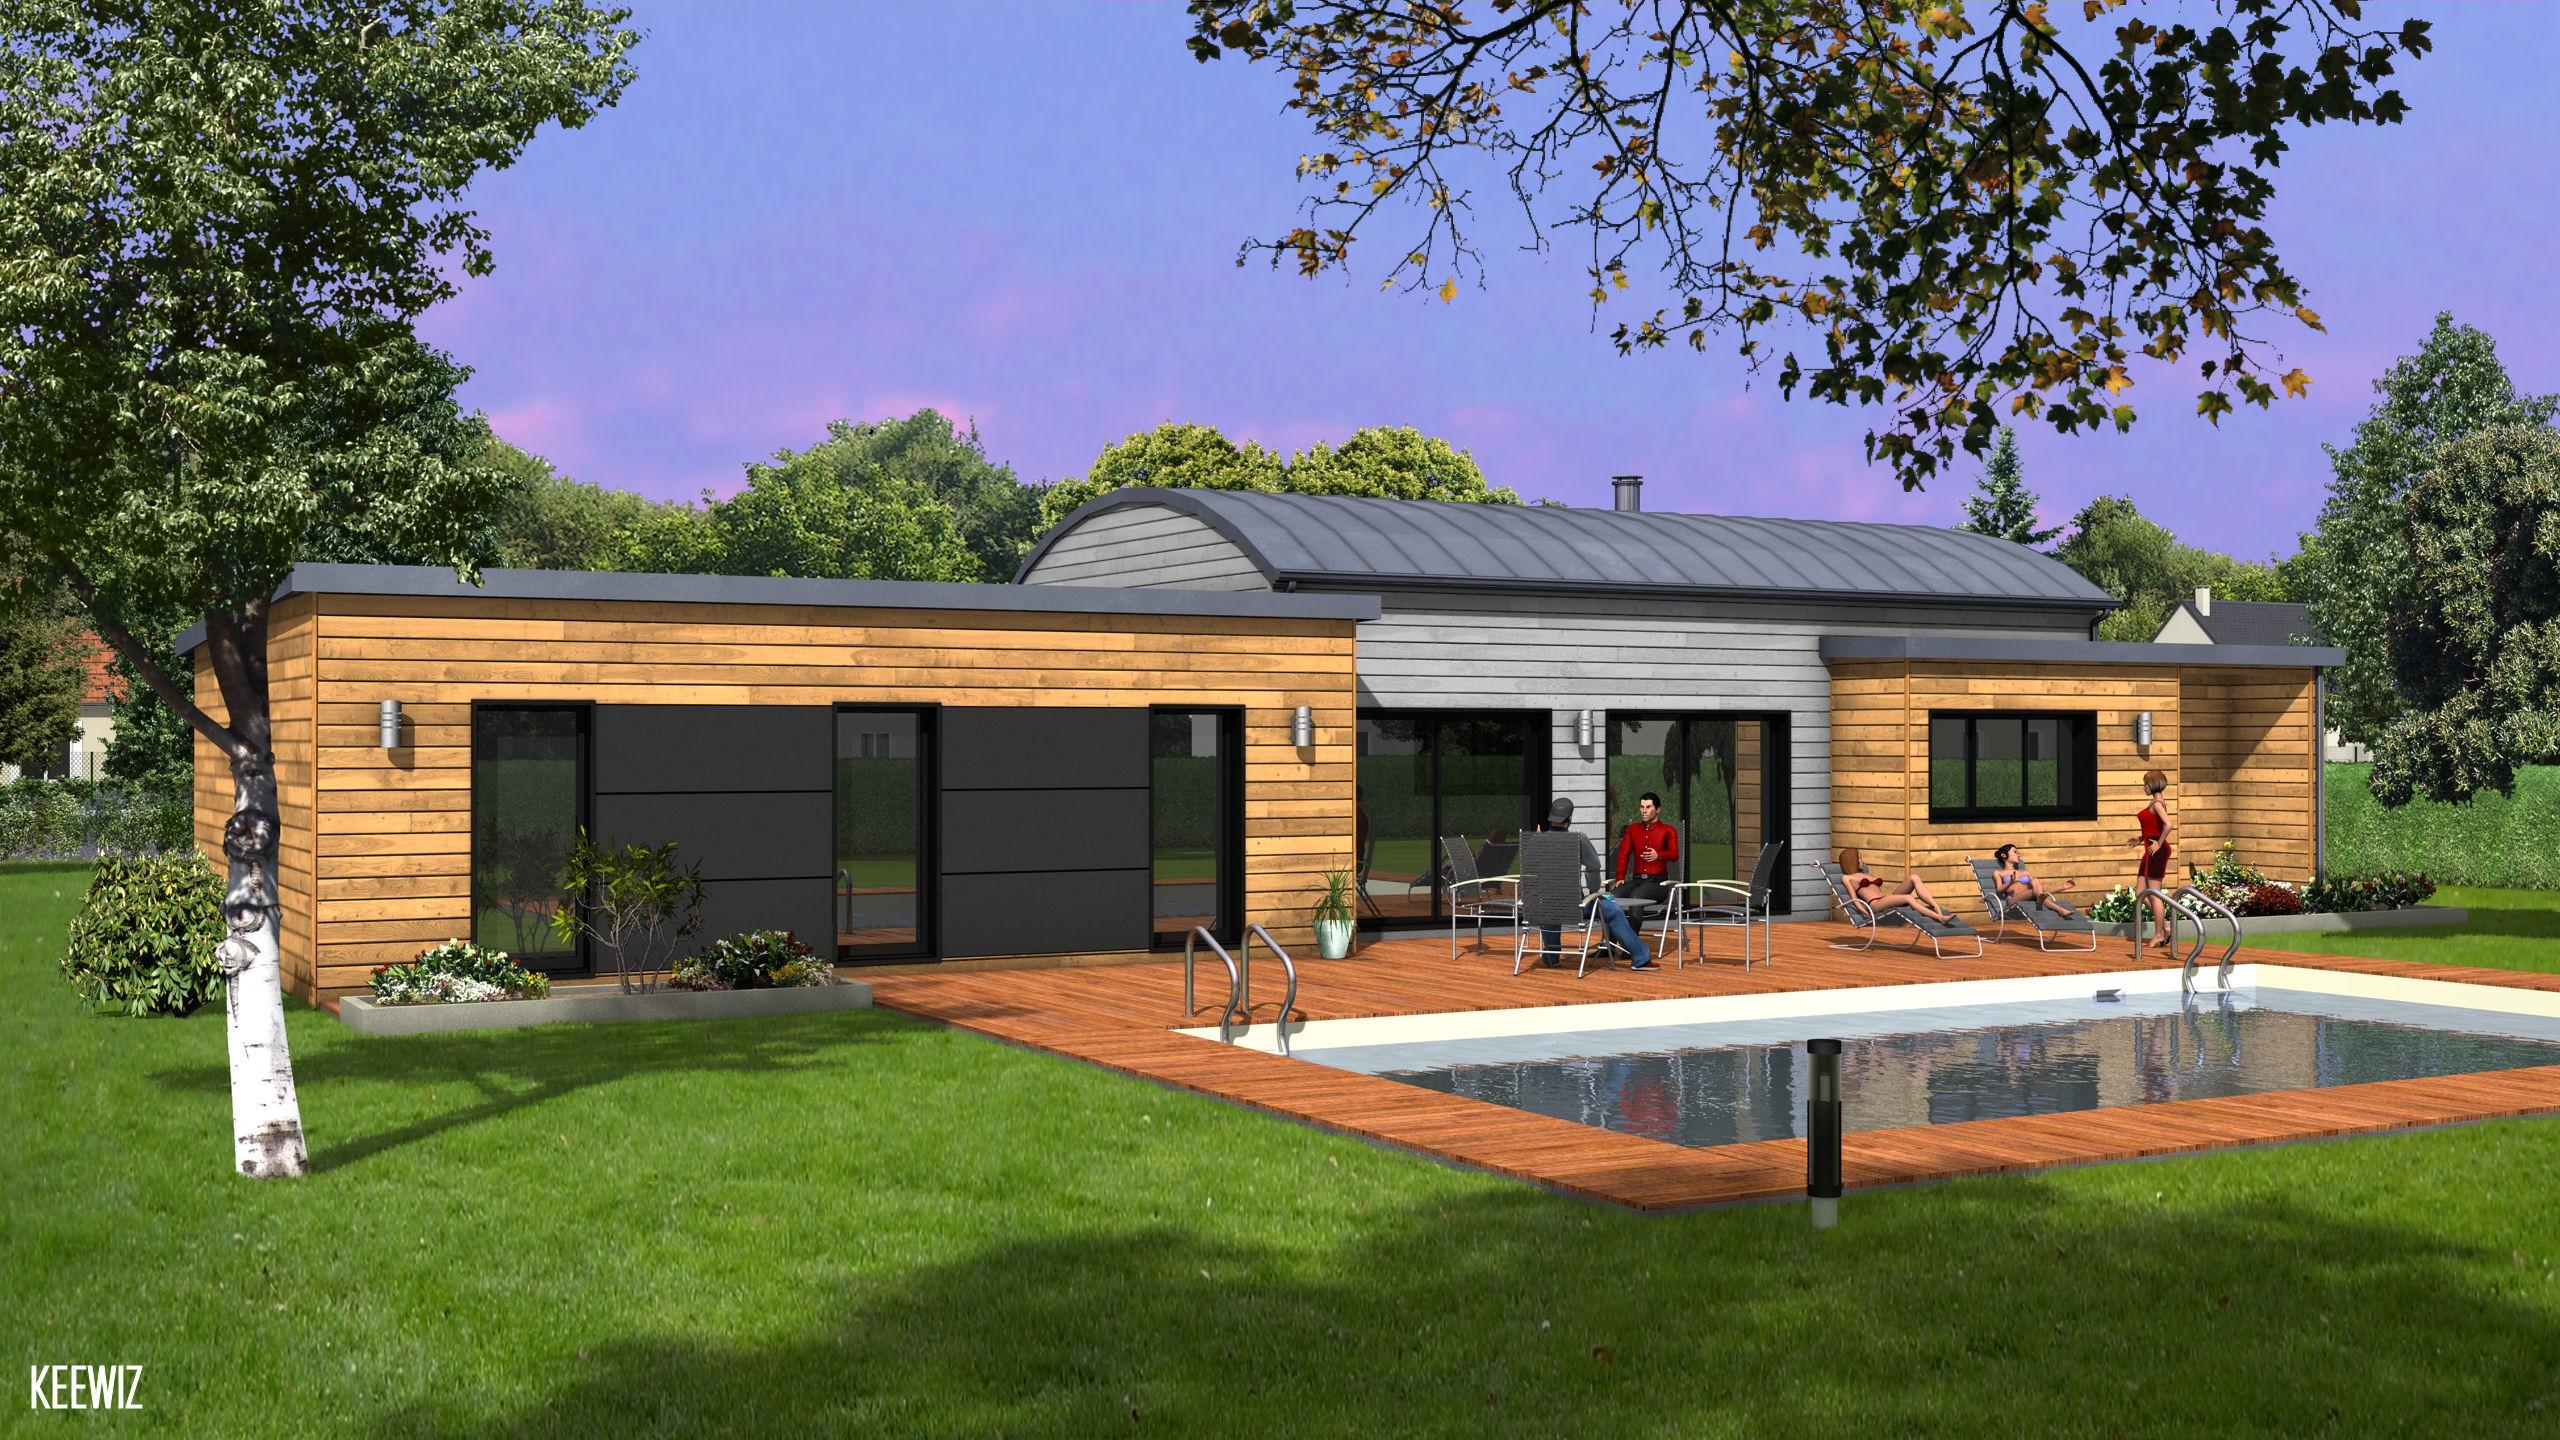 Logis de vend e constructeur maisons individuelles for Construction maison en bois vendee